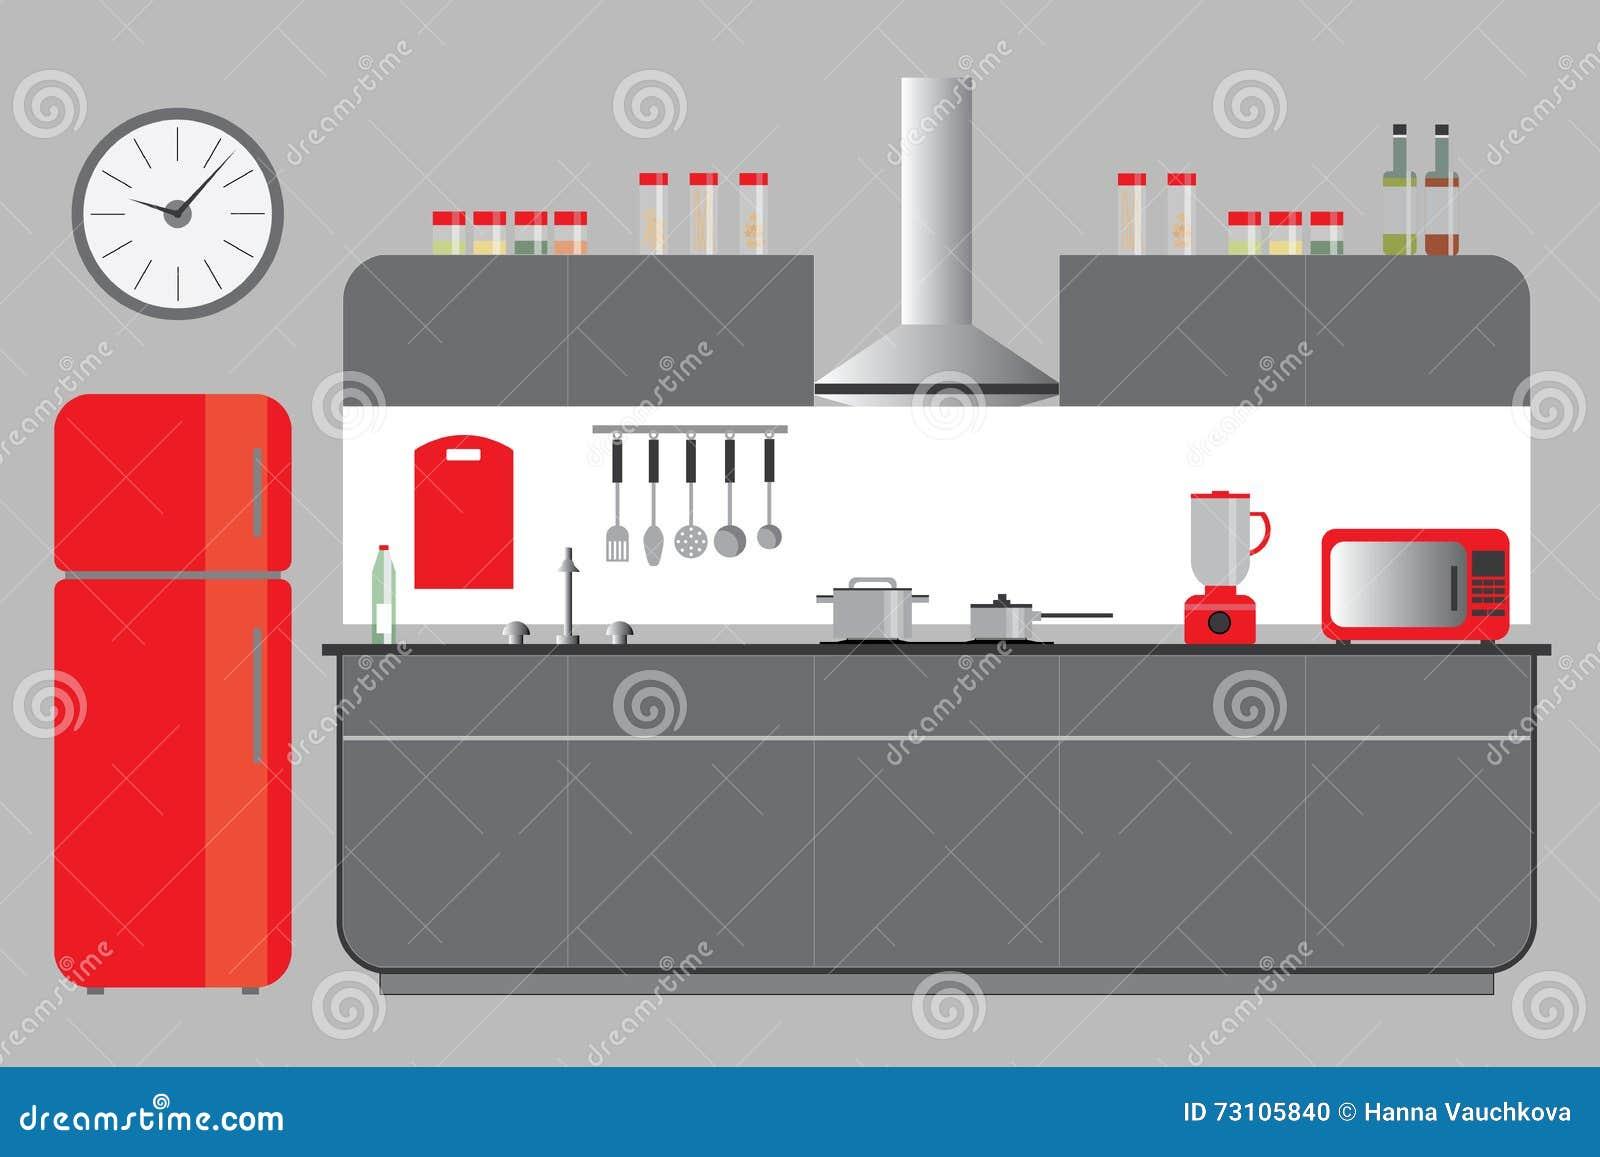 Küchen-Aufzug Mit Kabinett-Kühlschrank Hood Microvawe Flacher Vektor ...